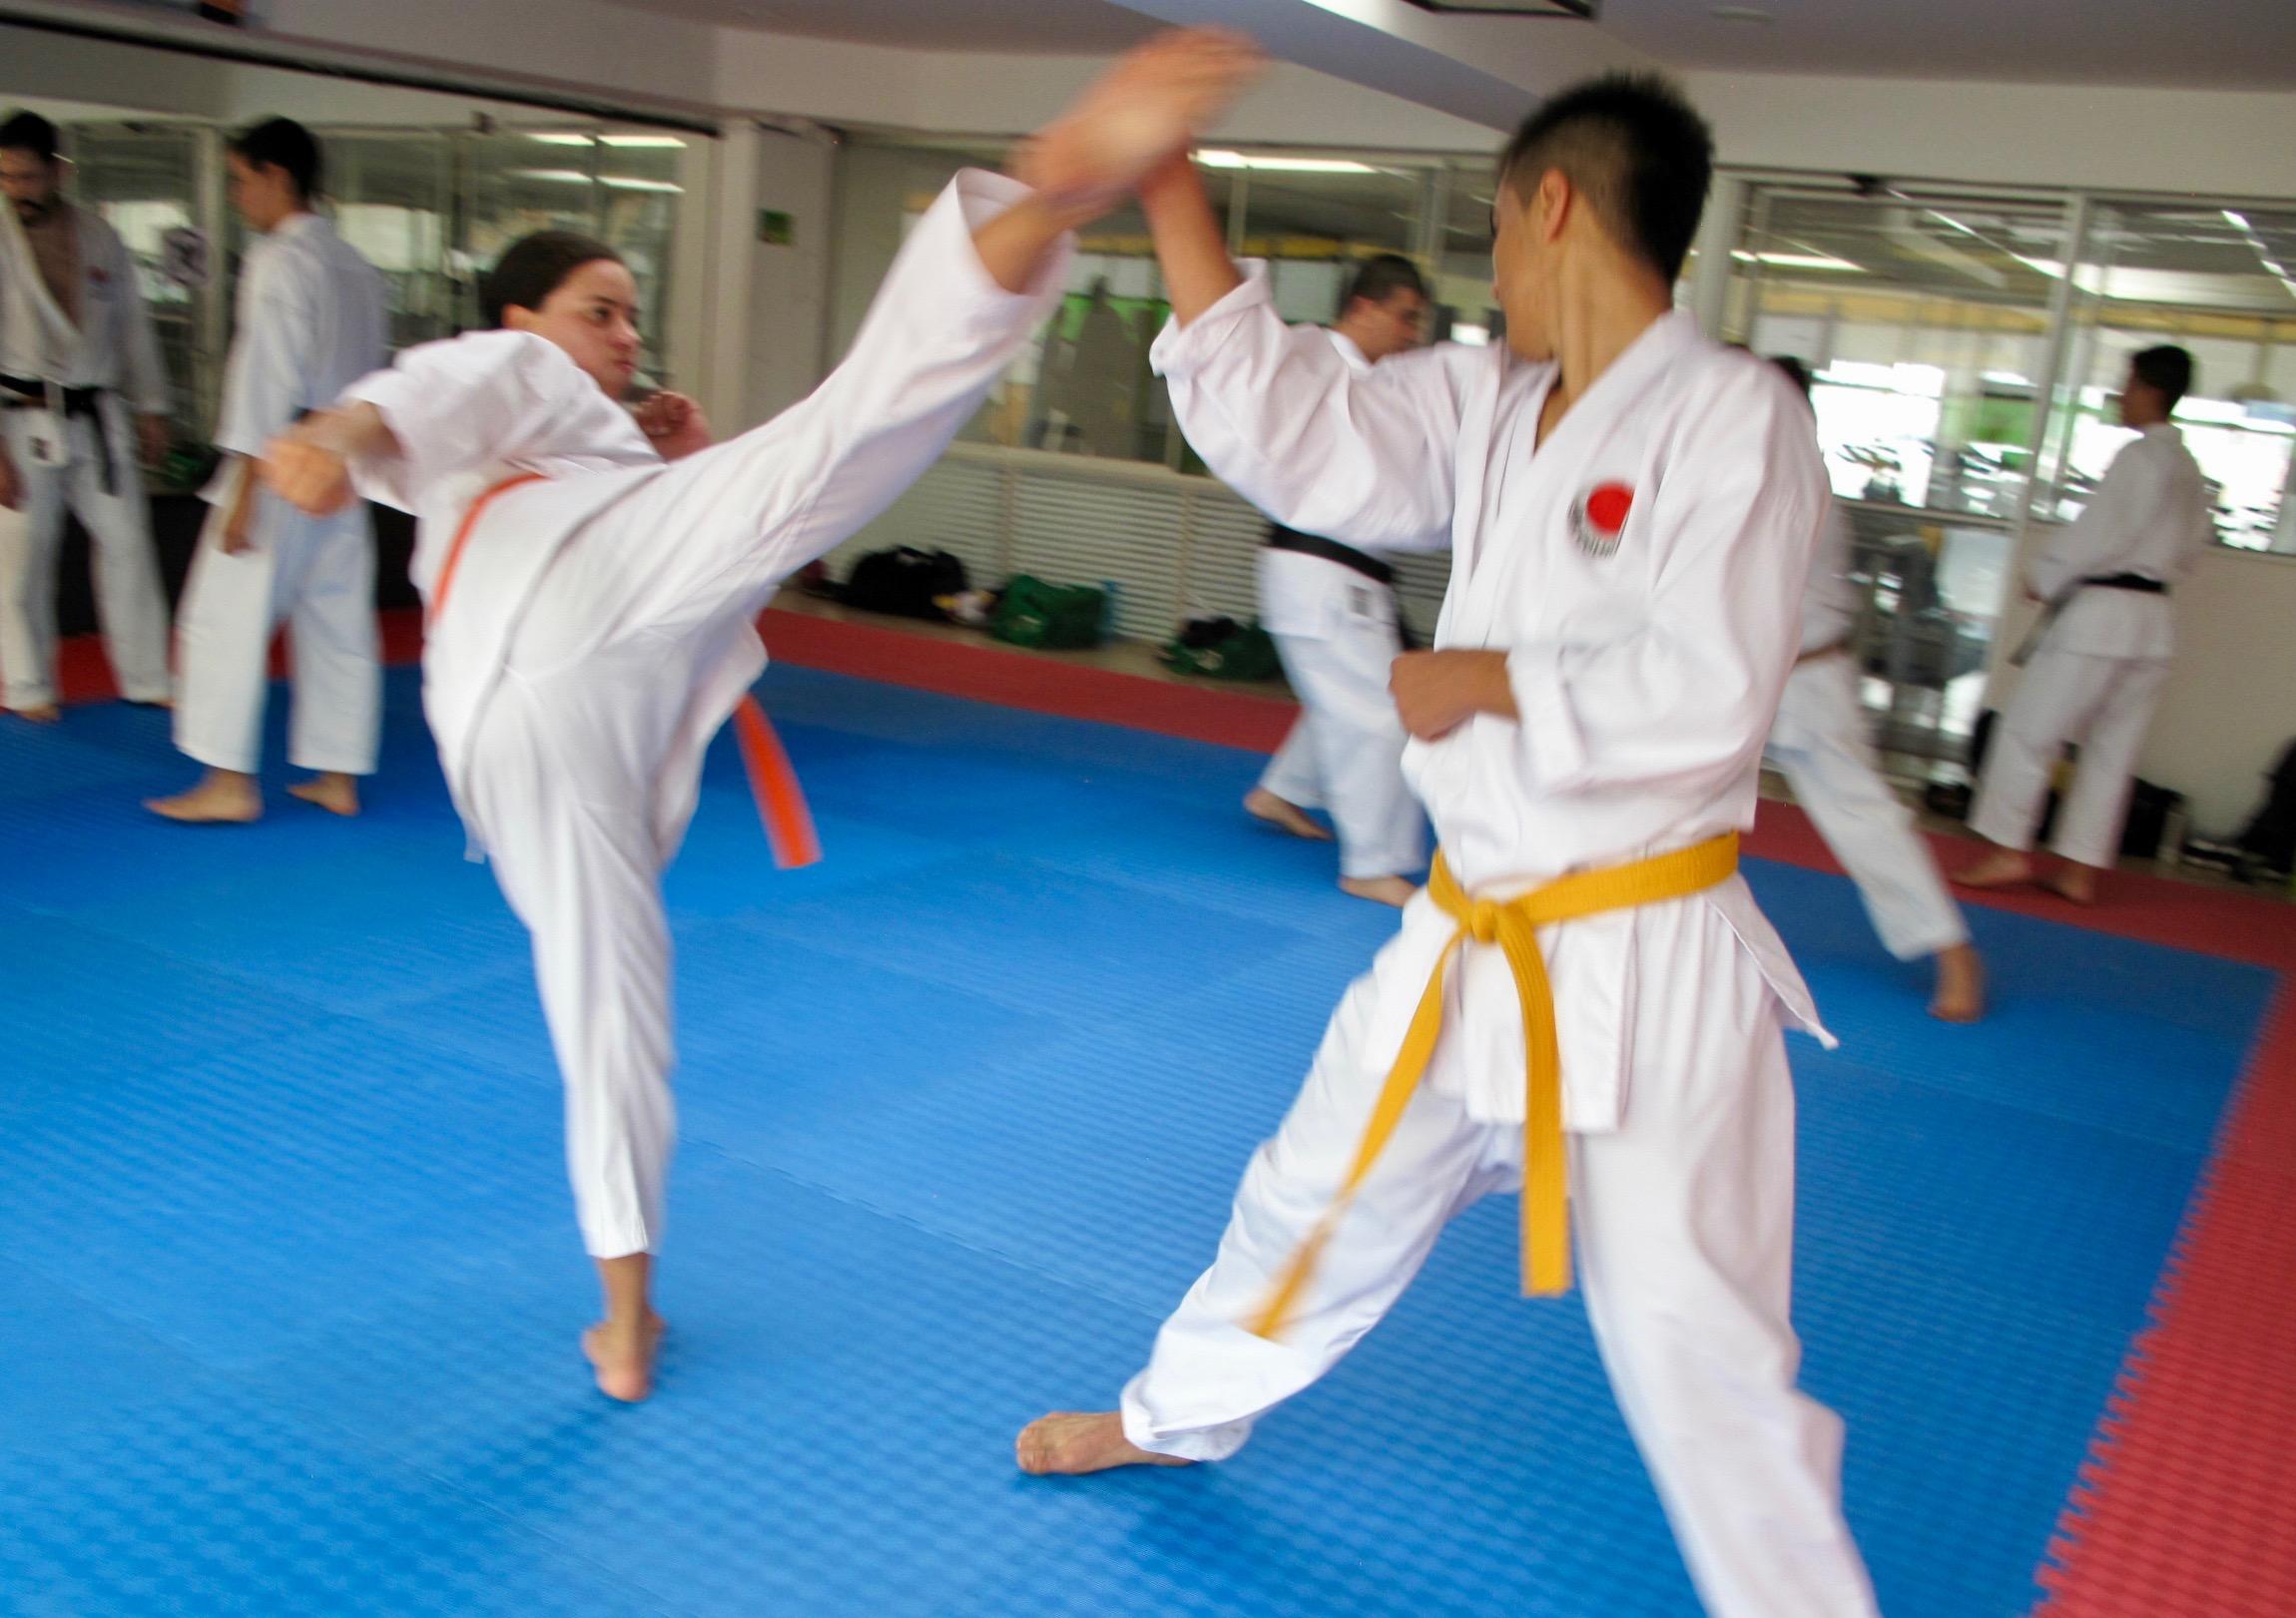 clases-de-karate-para-adolescentes